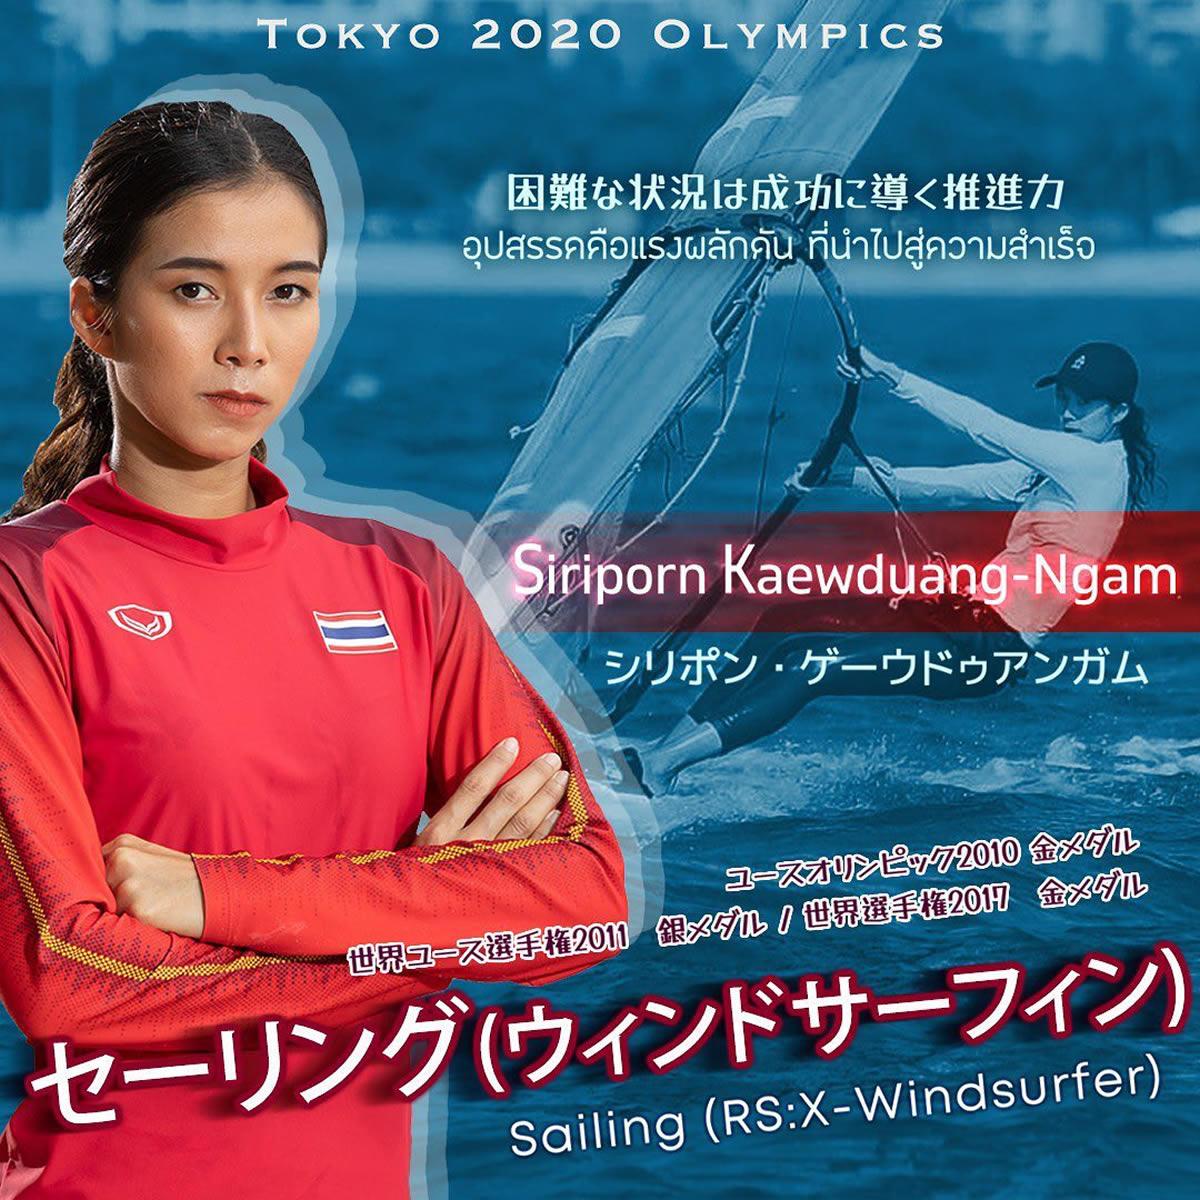 シリポン・ゲーウドゥアンガム(ダーウ)選手[女子ウィンドサーフィン タイ代表]東京2020オリンピック